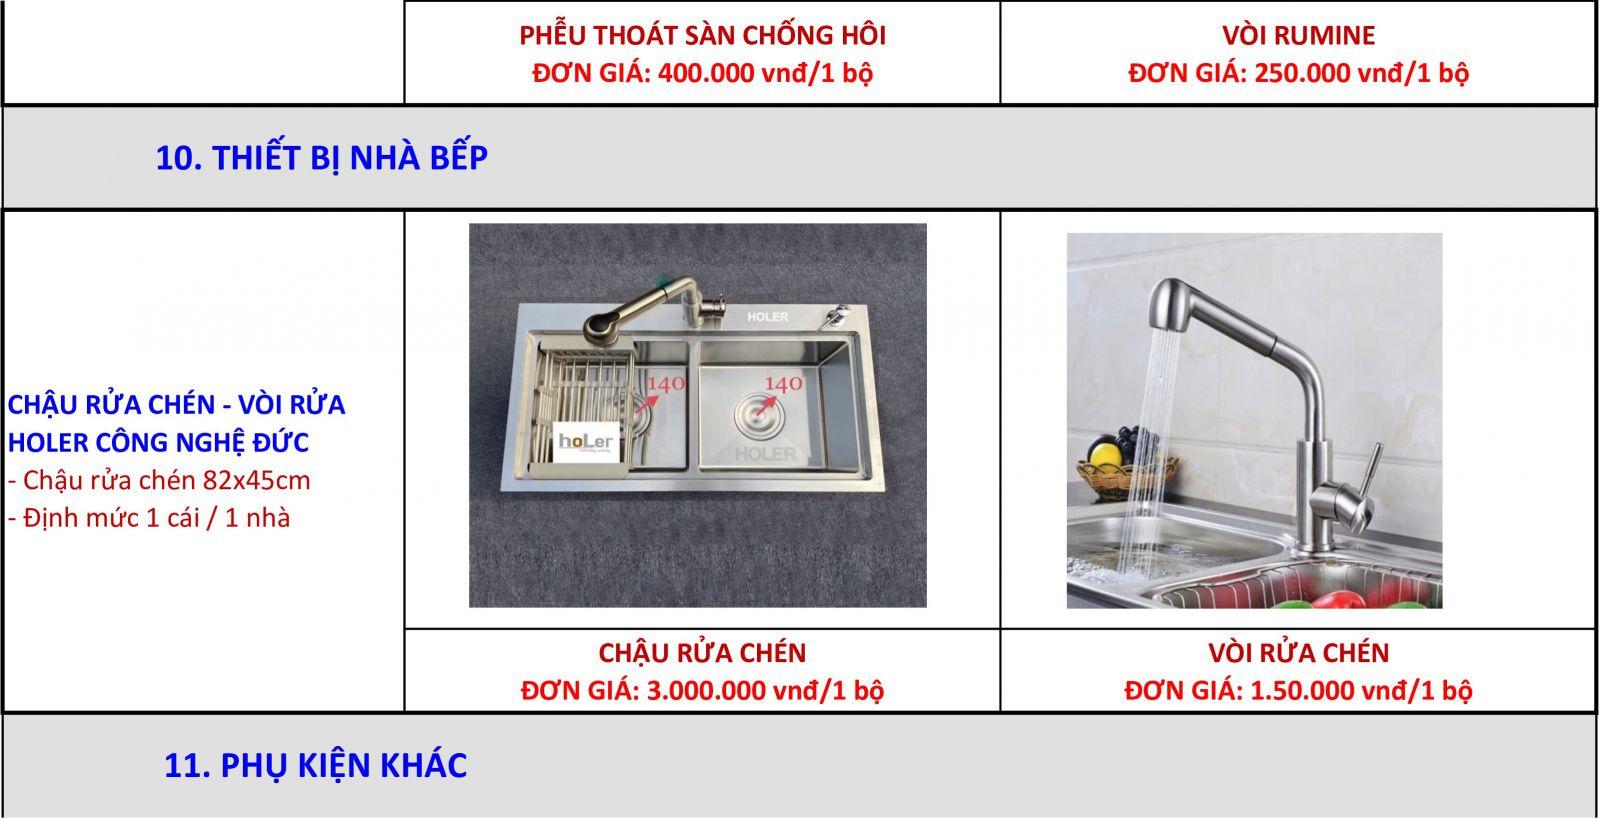 Bảng thống kê báo giá vật tư vò rửa chén ở bếp hoàn thiện nhà nâng tầng ở tphcm sài gòn